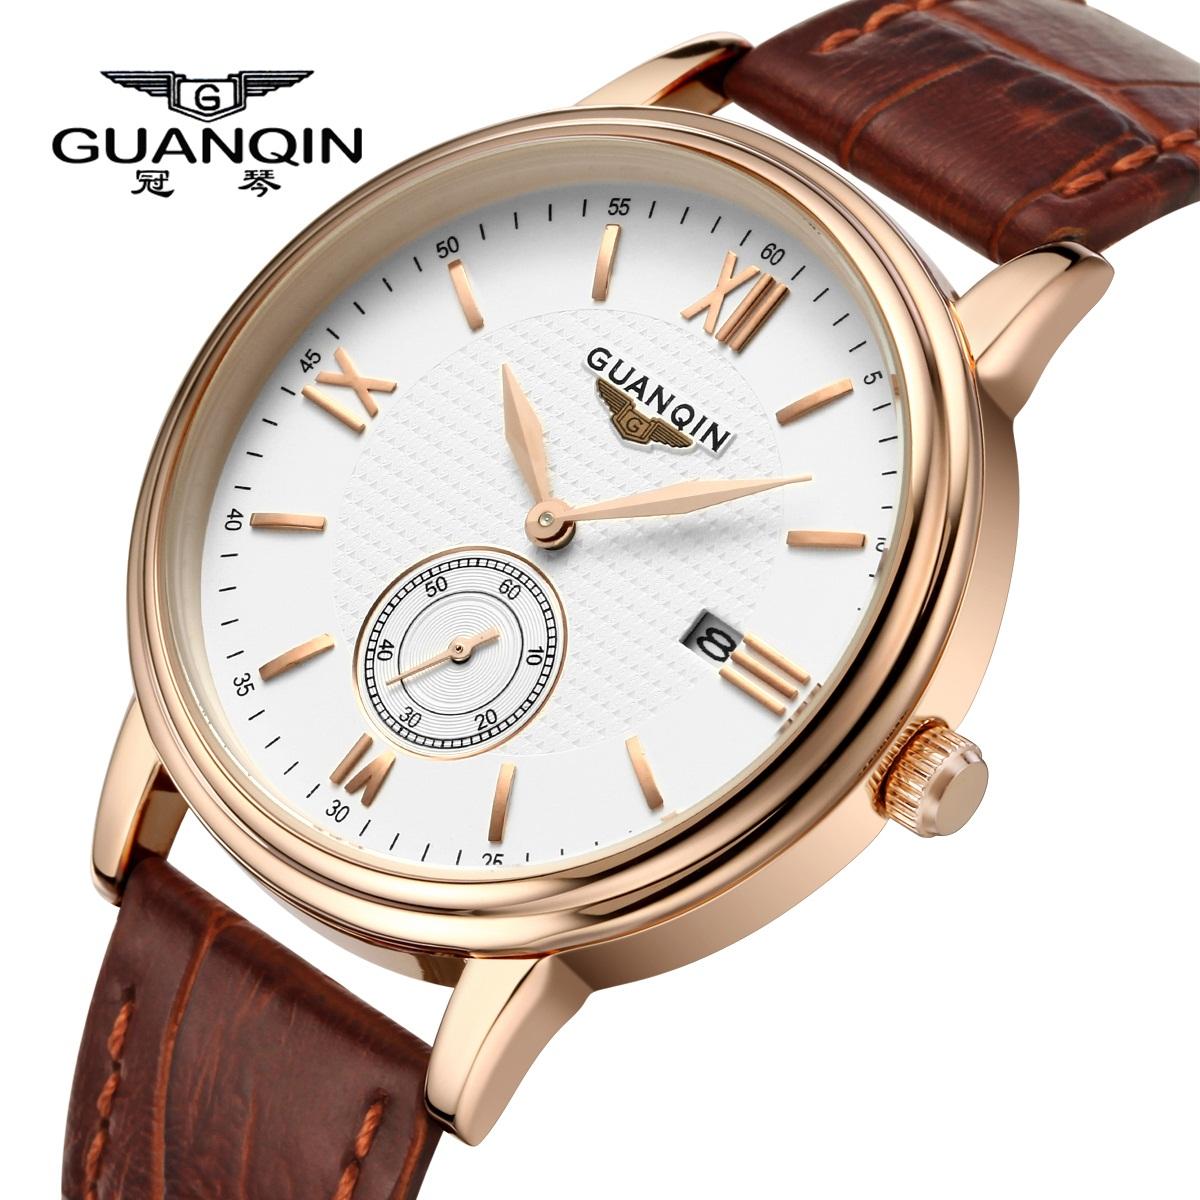 瑞士正品冠琴男表防水手表男超薄皮带手表男石英表真皮腕表